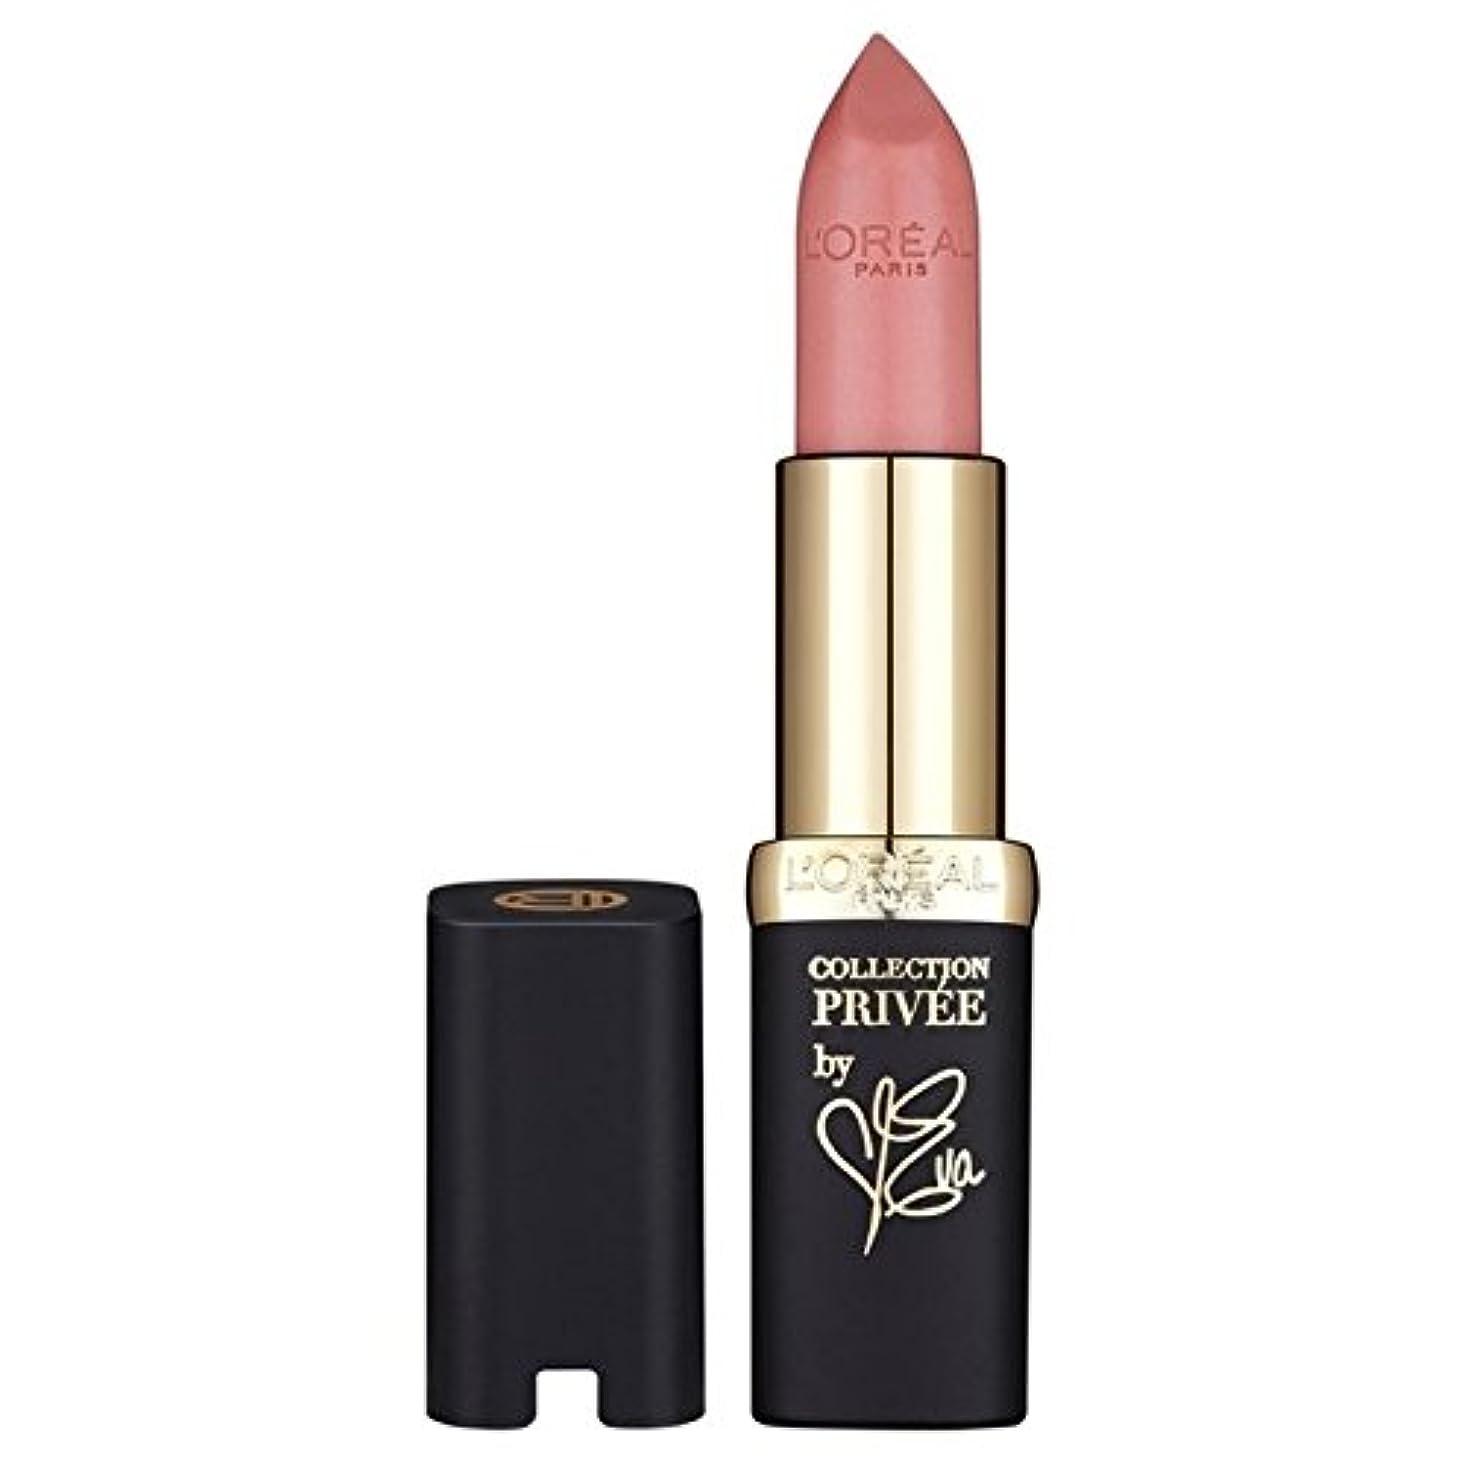 二次恋人ロシアL'Oreal Paris Collection Privee Color Riche, Eva's Nude - ロレアルパリコレクションプリヴェカラーリッシュ、エヴァのヌード [並行輸入品]